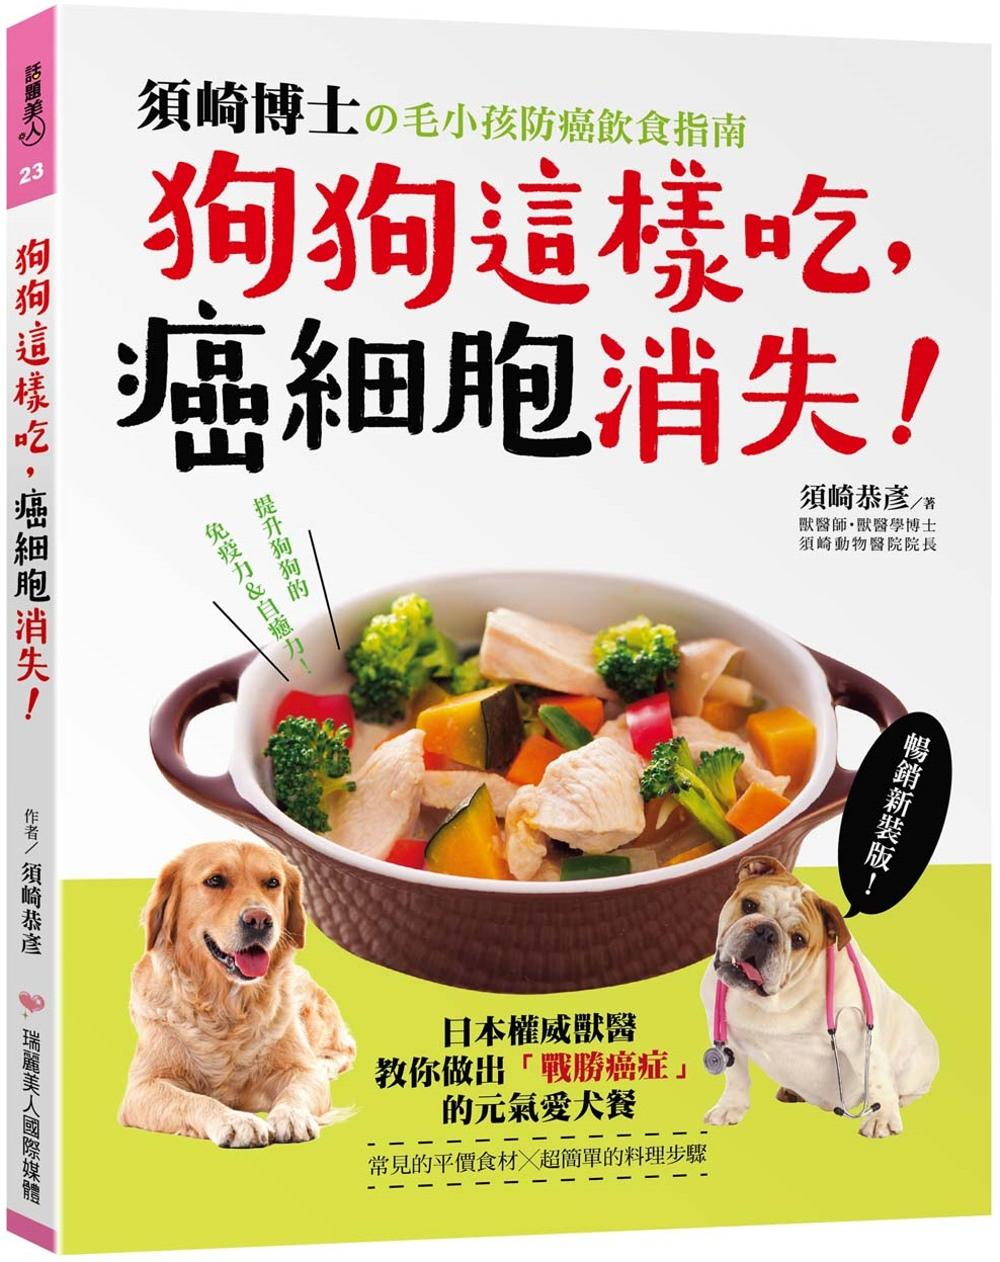 狗狗這樣吃,癌細胞消失!:須崎博士的毛小孩防癌飲食指南‧日本權威獸醫教你做出「戰勝癌症」的元氣愛犬餐【暢銷新裝版】